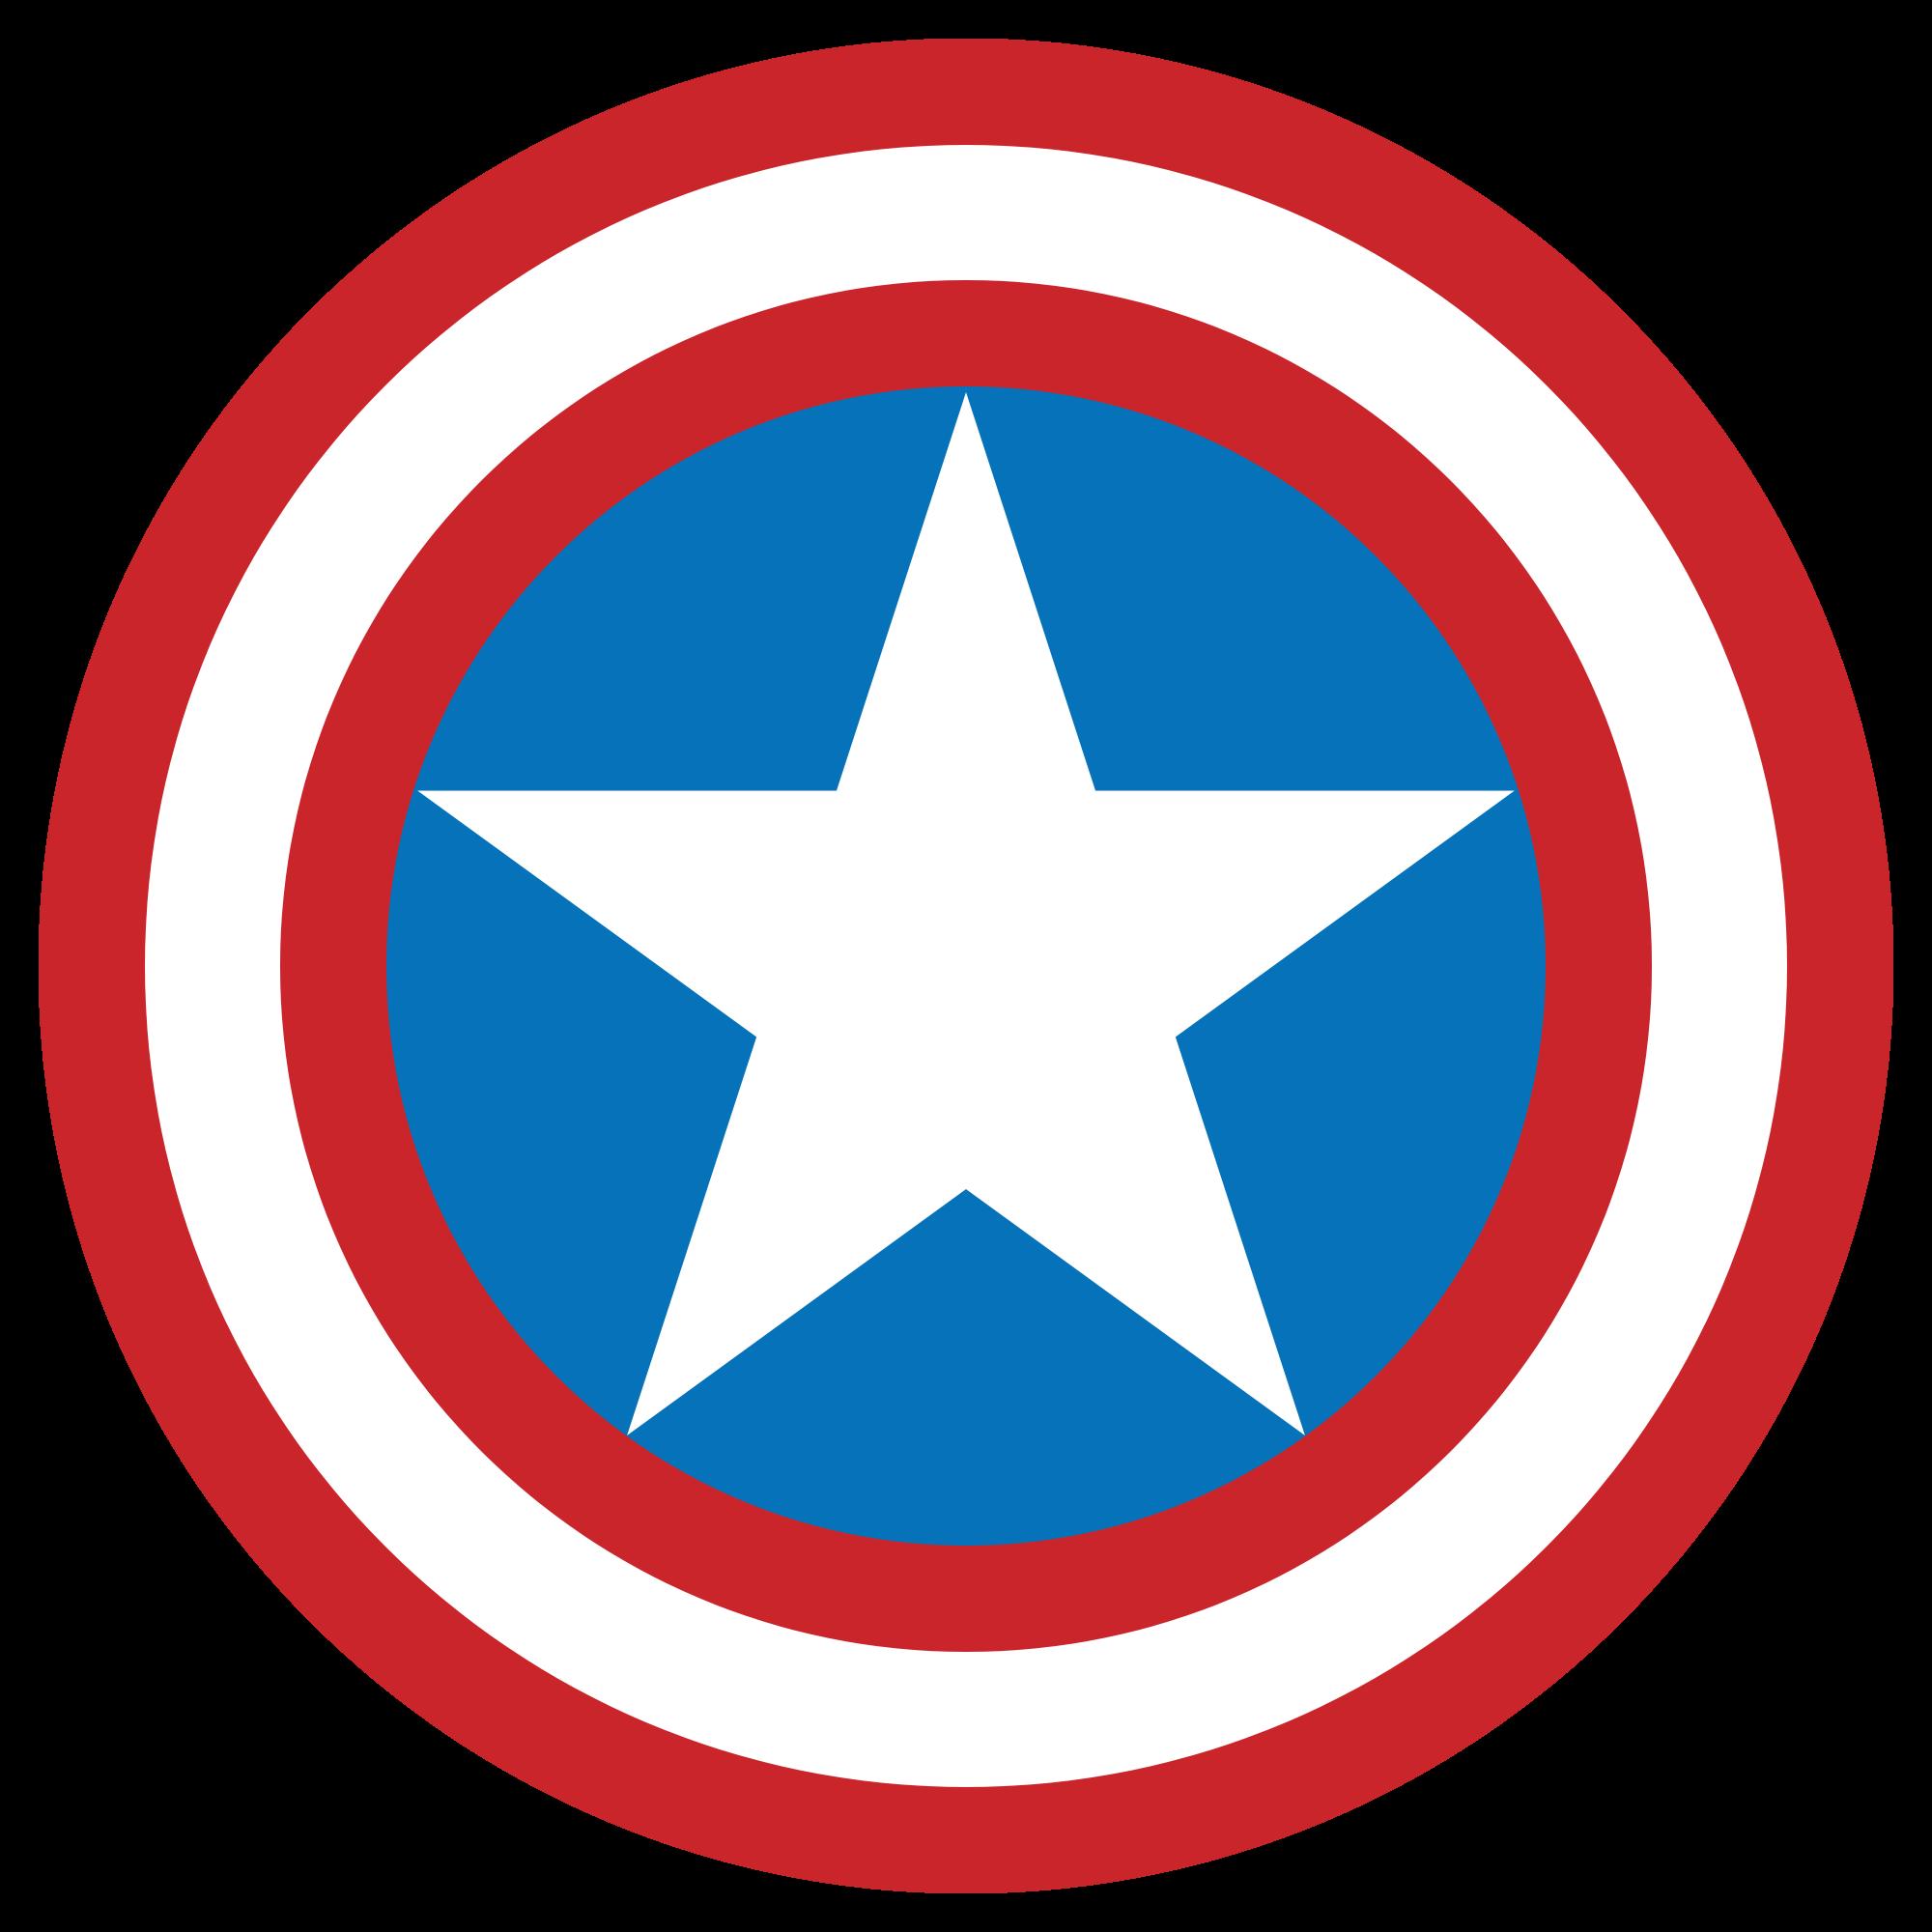 Head clipart captain america. S h i e